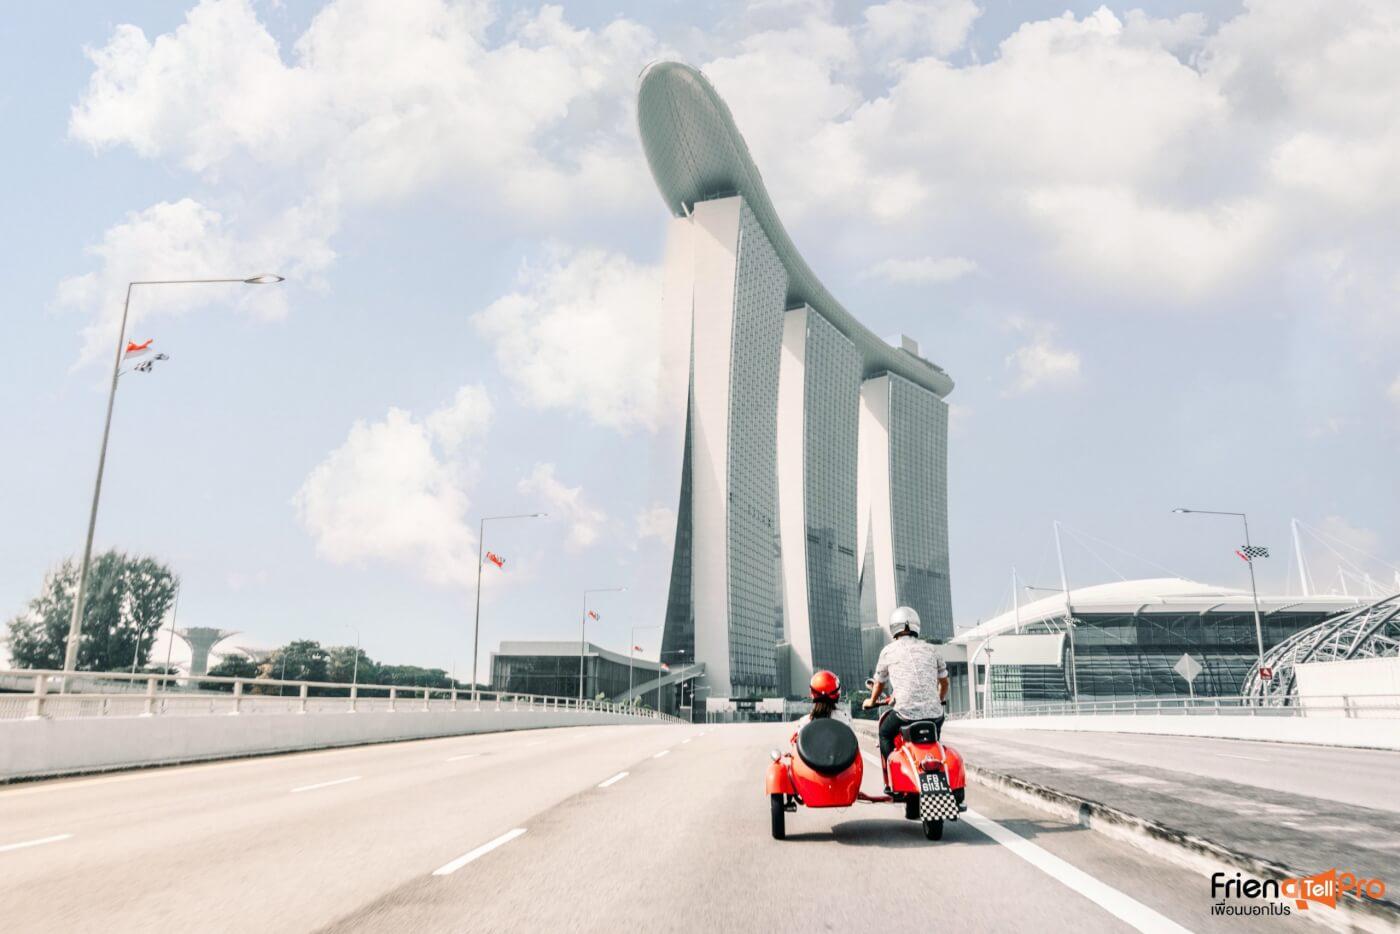 เทคนิคเที่ยวสิงคโปร์ยังไงให้คุ้มค่า | 11 จุดเช็คอินที่น่าเที่ยวที่สุดในปี 2019